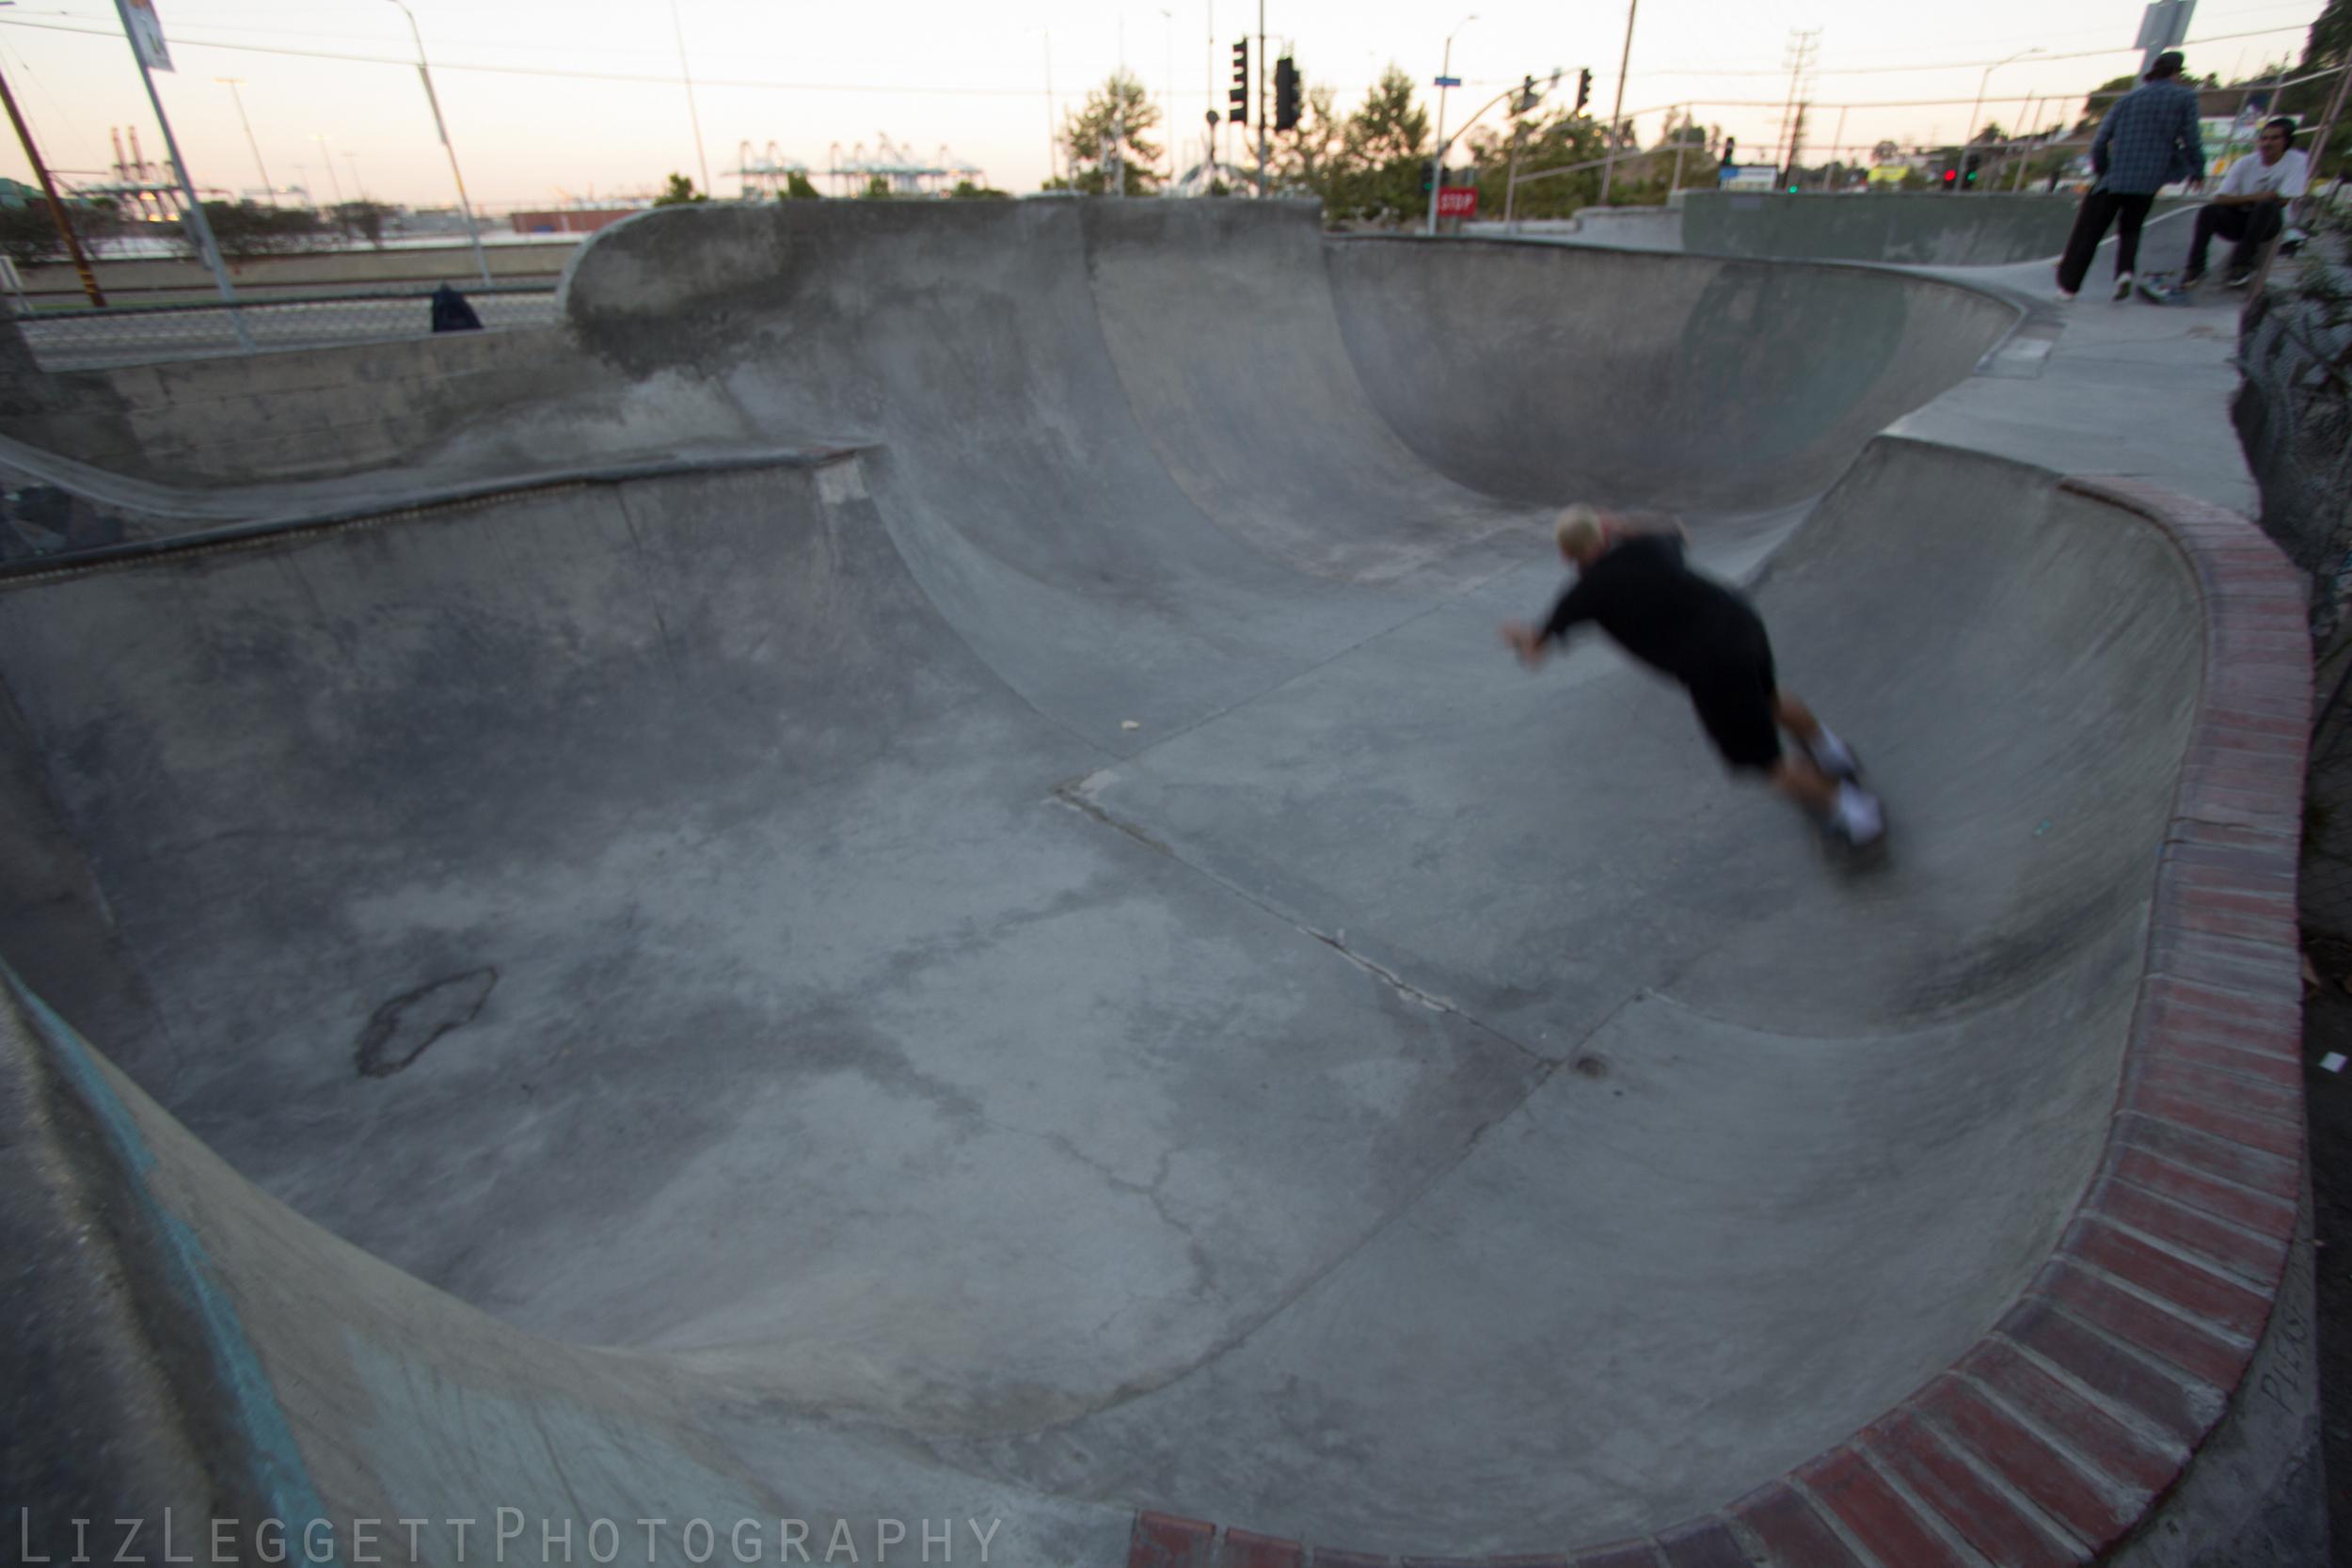 liz_leggett_photography_skatepark_watermarked-0219.jpg